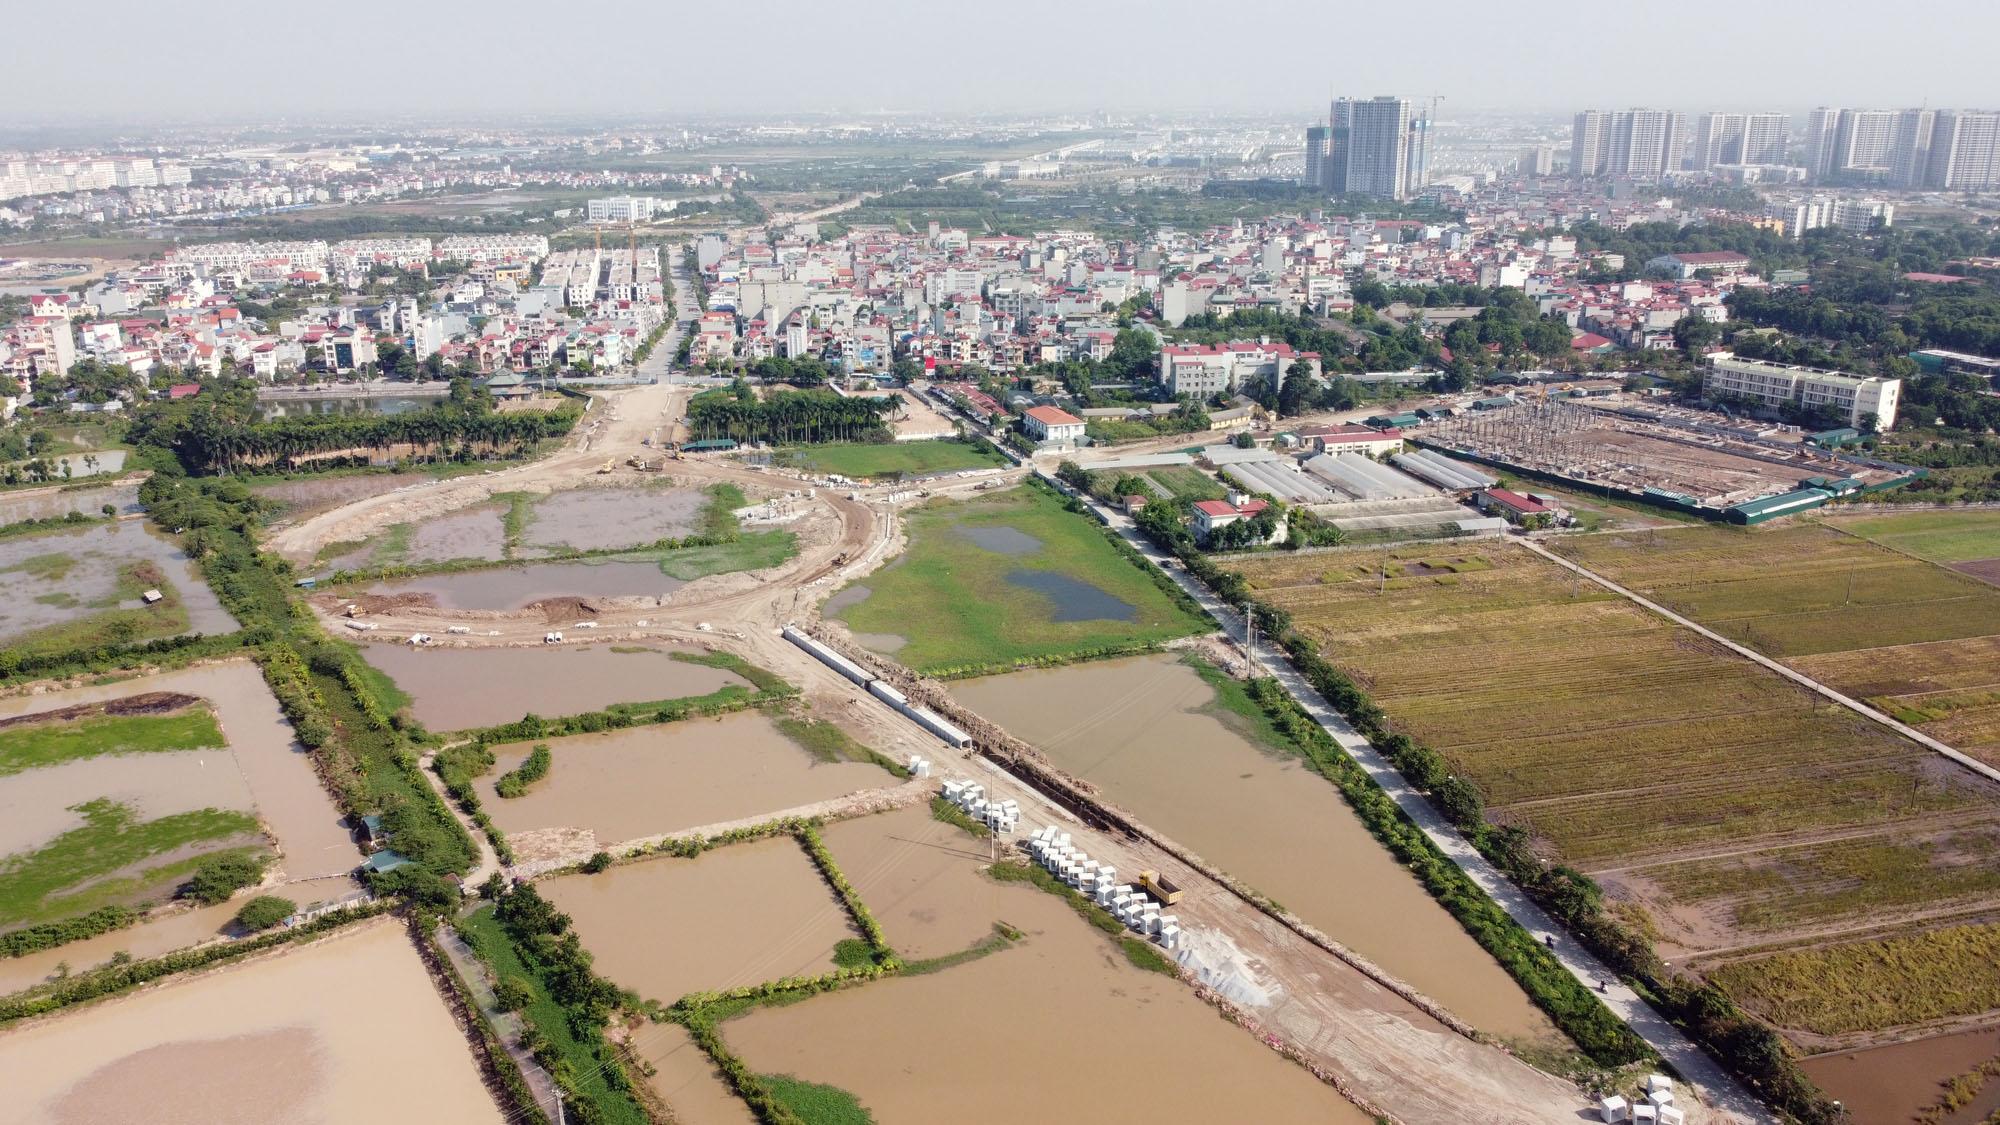 Huyện Gia Lâm đưa loạt kiến nghị để lên quận vào năm 2023 - Ảnh 2.